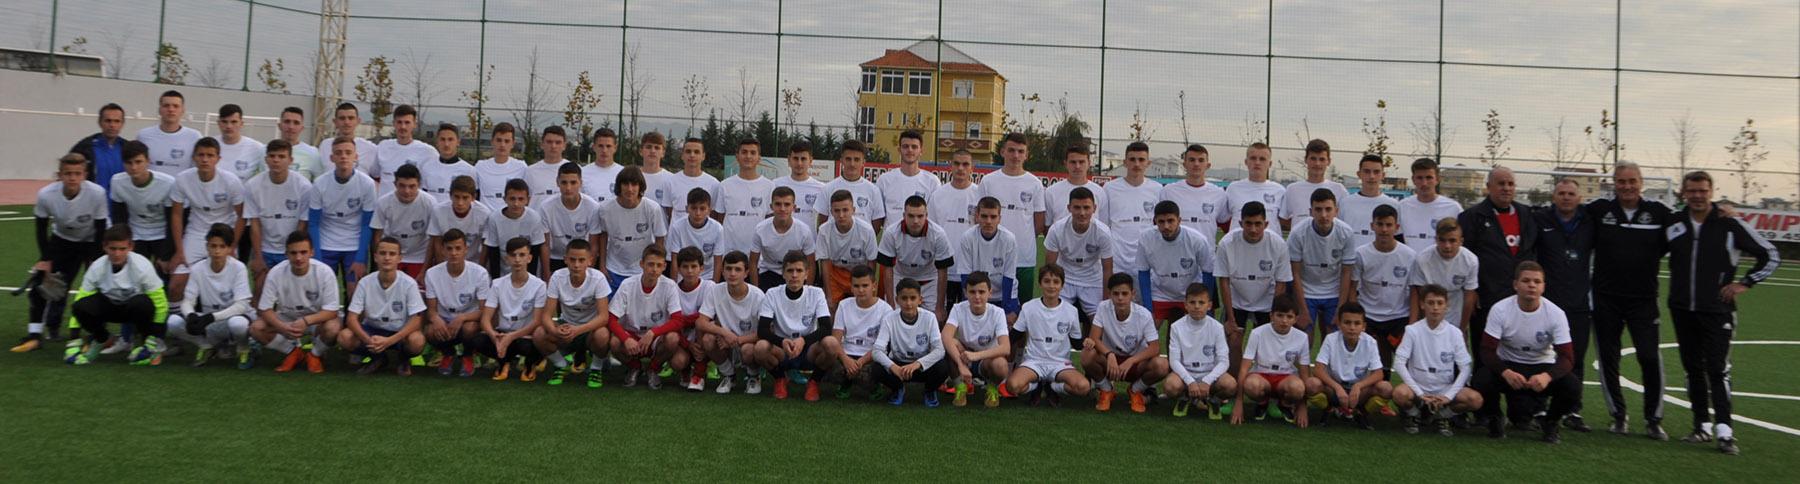 Teilnehmer und Trainer des Camps in Durres 2017. Es fehlen die U17 Nationalspieler, die mit Besnik Kollari auf einem internationalen Turnier sind und später eintreffen werden.